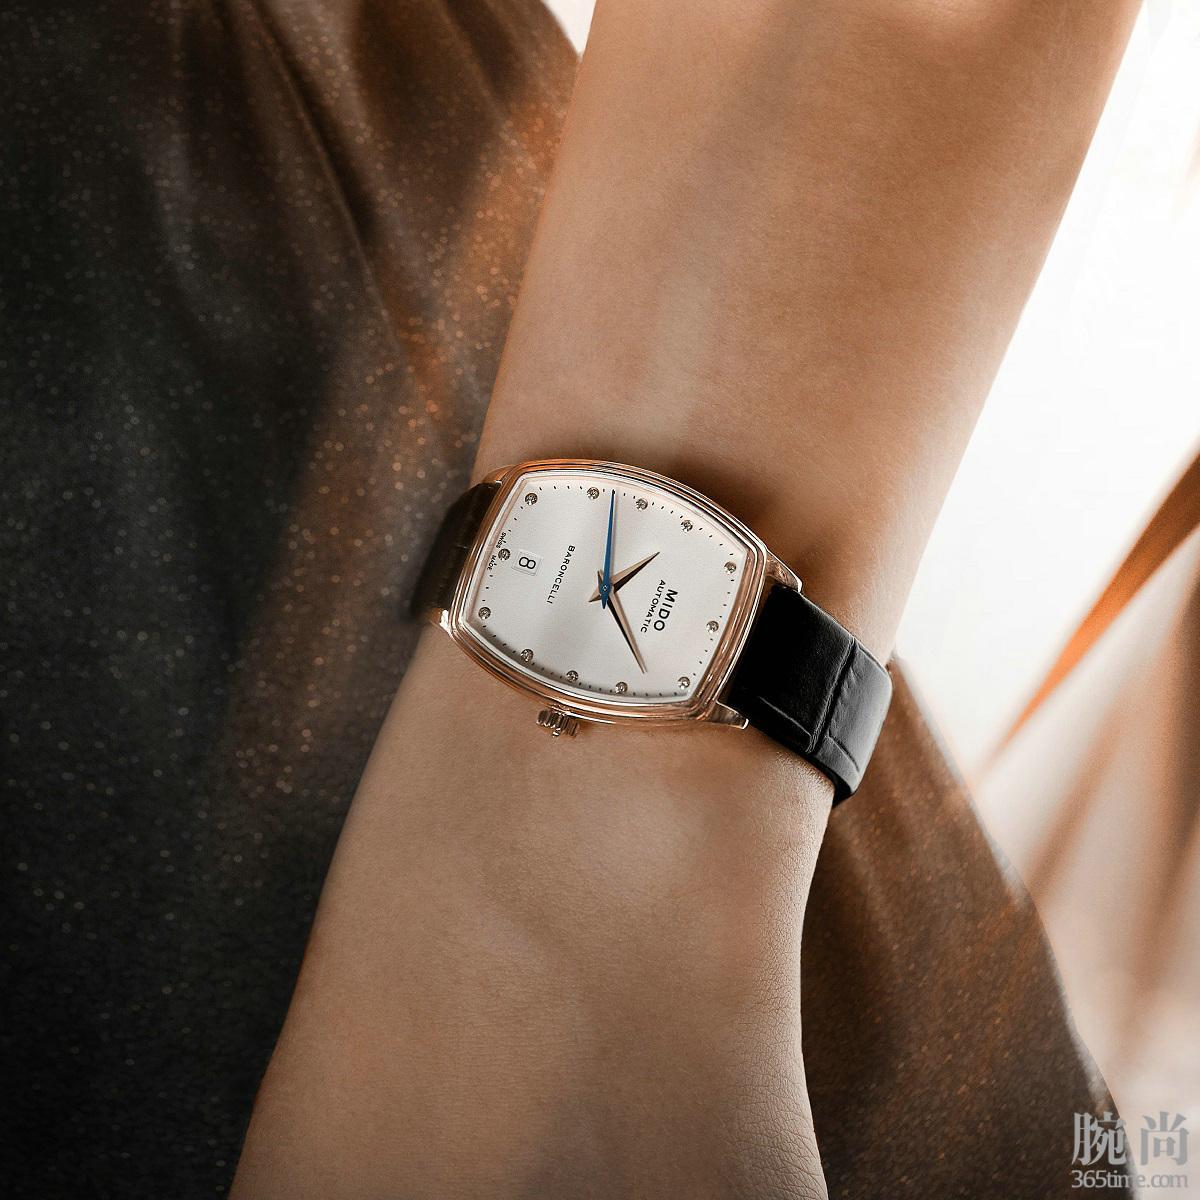 瑞士美度表BARONCELLI贝伦赛丽系列酒桶形真钻女士腕表M041.307.36.016.00_公关图1.jpg